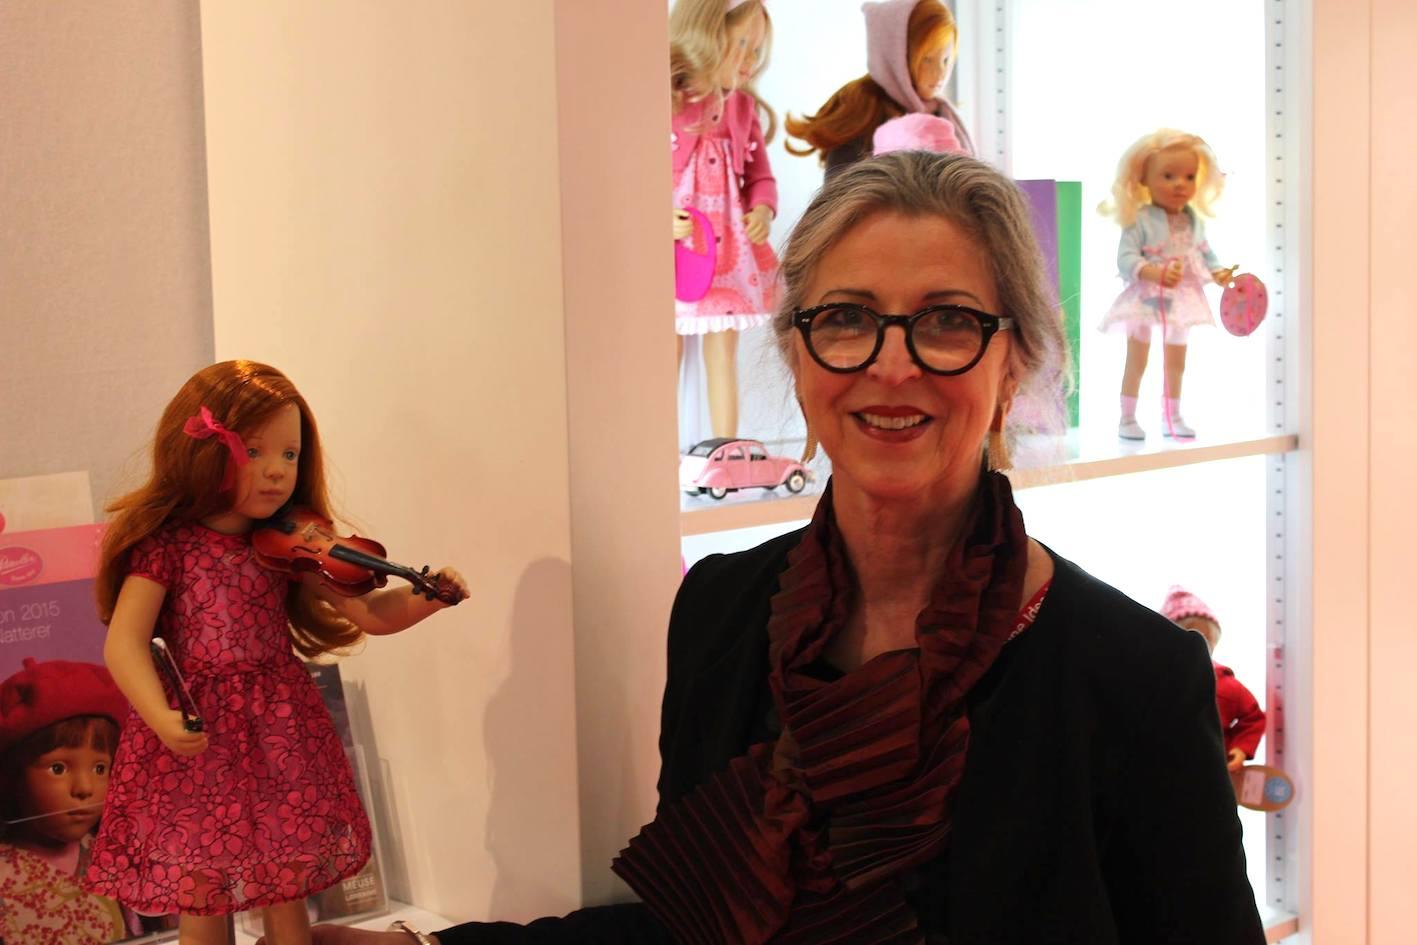 Sylvia Natterer